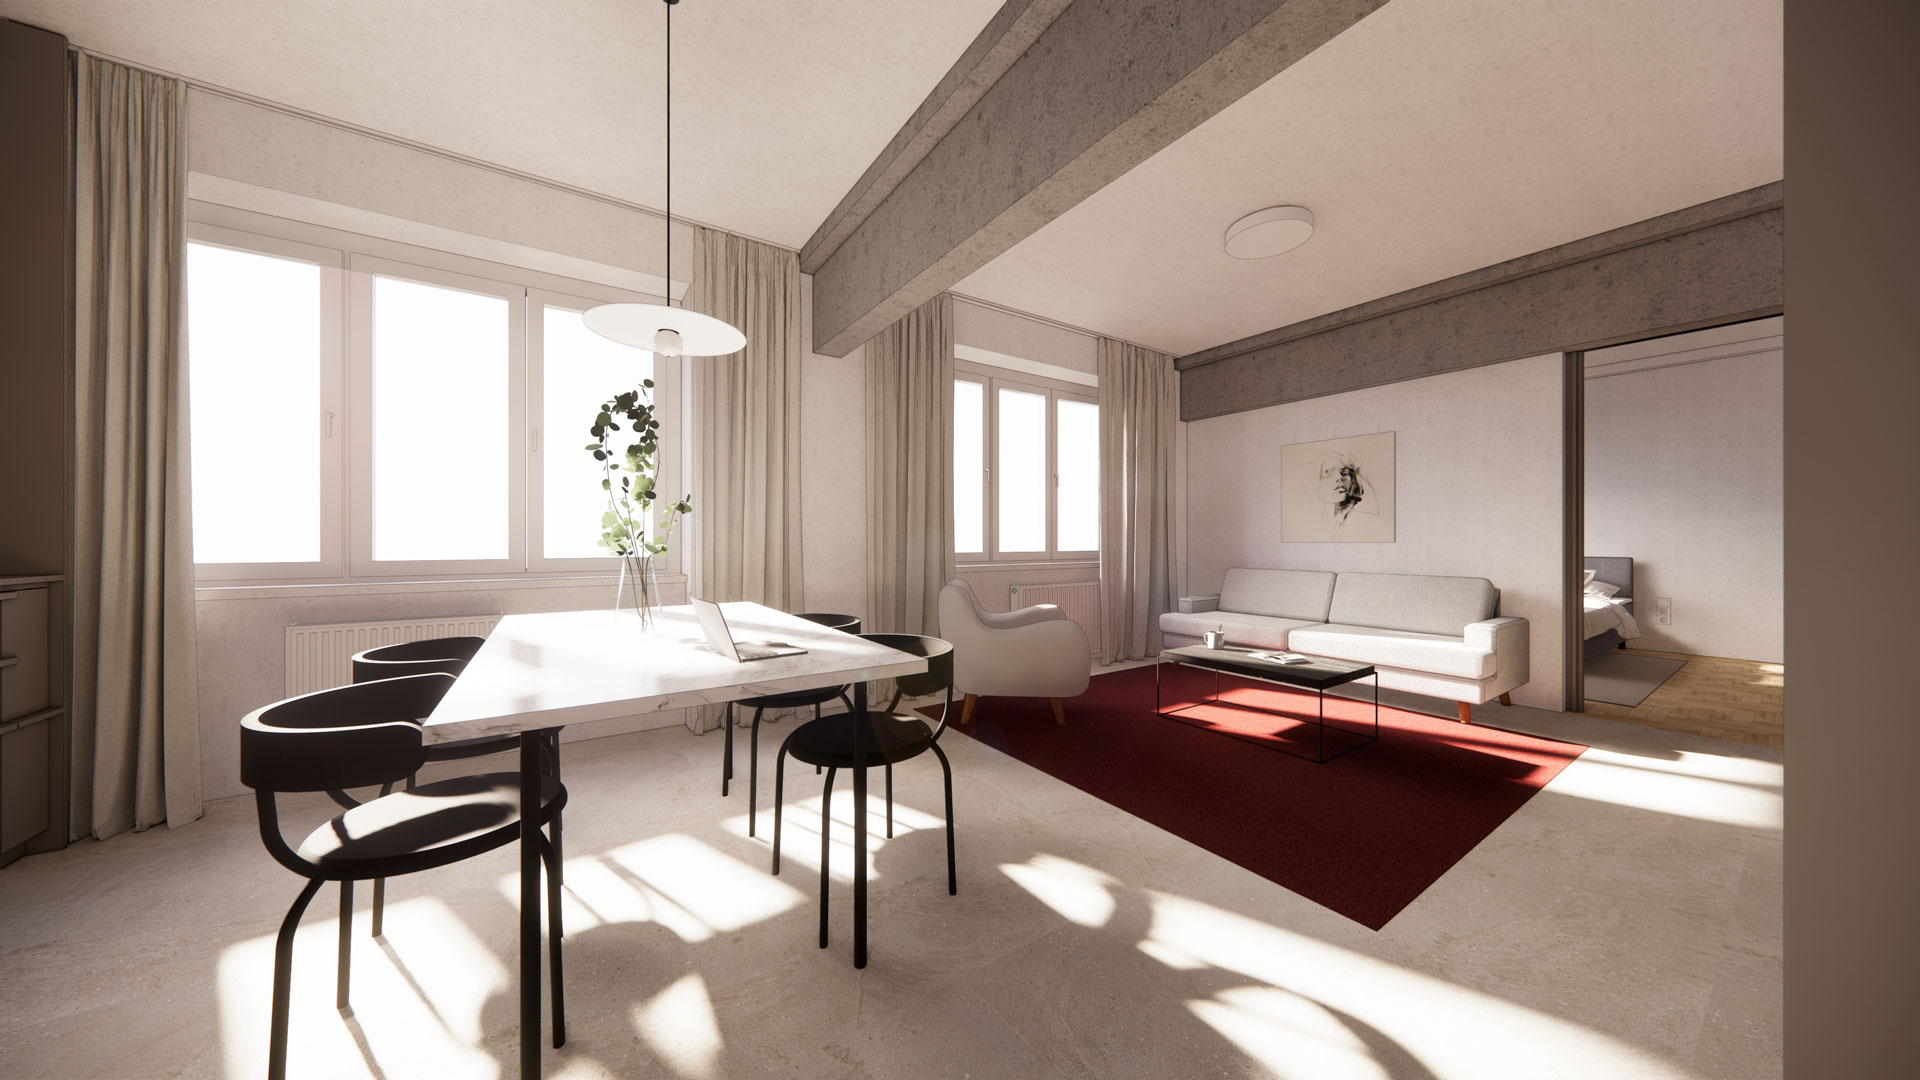 noiz-architekti-interier-byt-lublanska-03